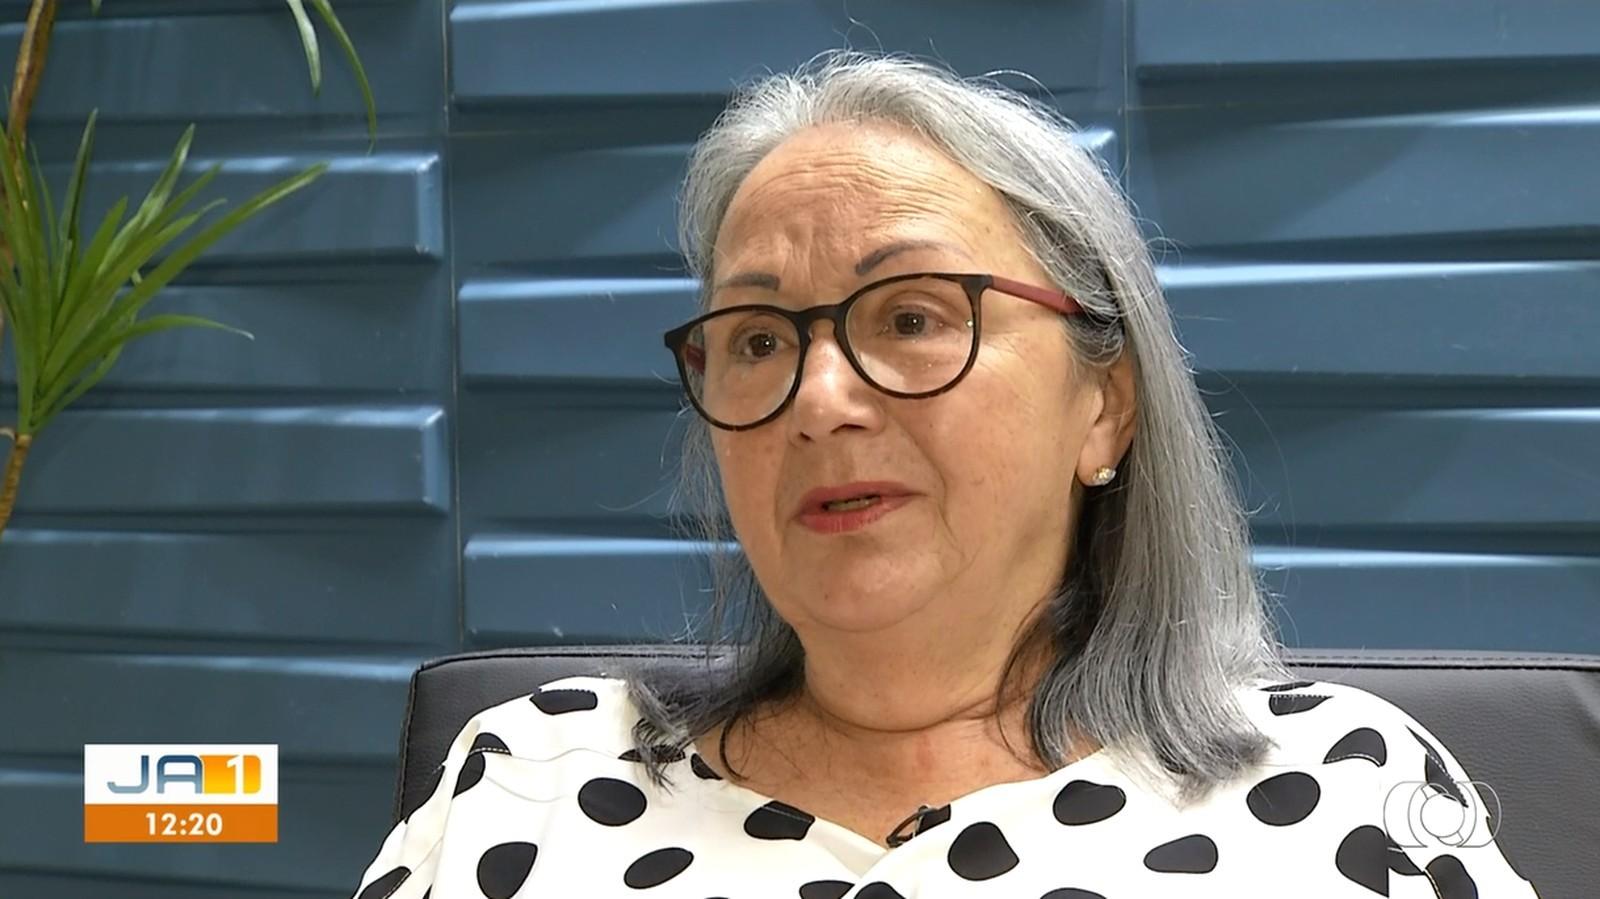 Justiça decide que marido denunciado por matar professora deve dividir bens com mãe da vítima - Notícias - Plantão Diário